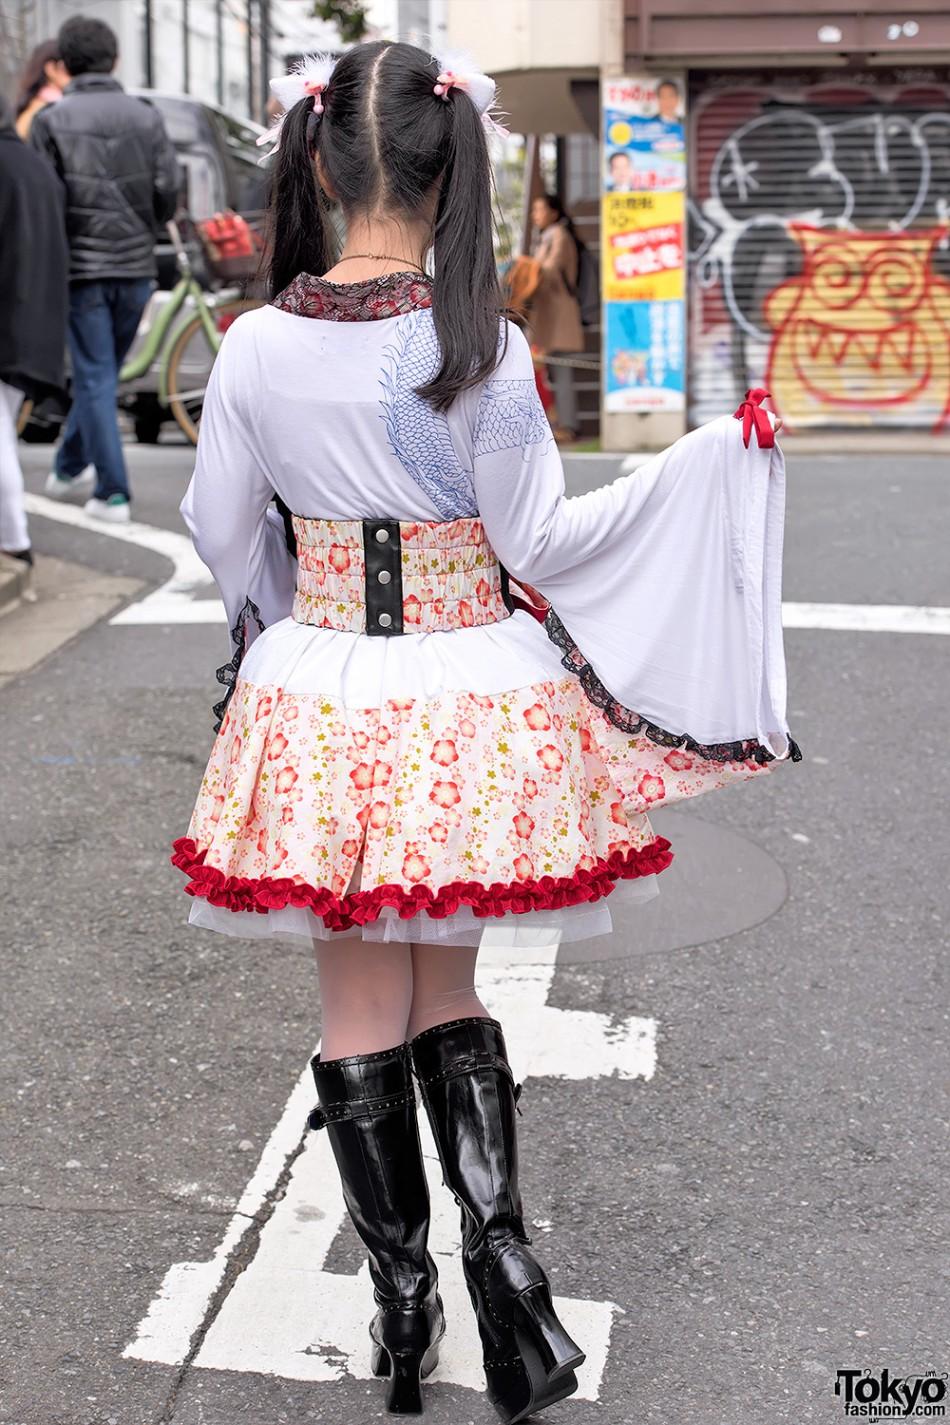 Tokyo Fashion on Twitter: Actress in Harajuku w/ twin